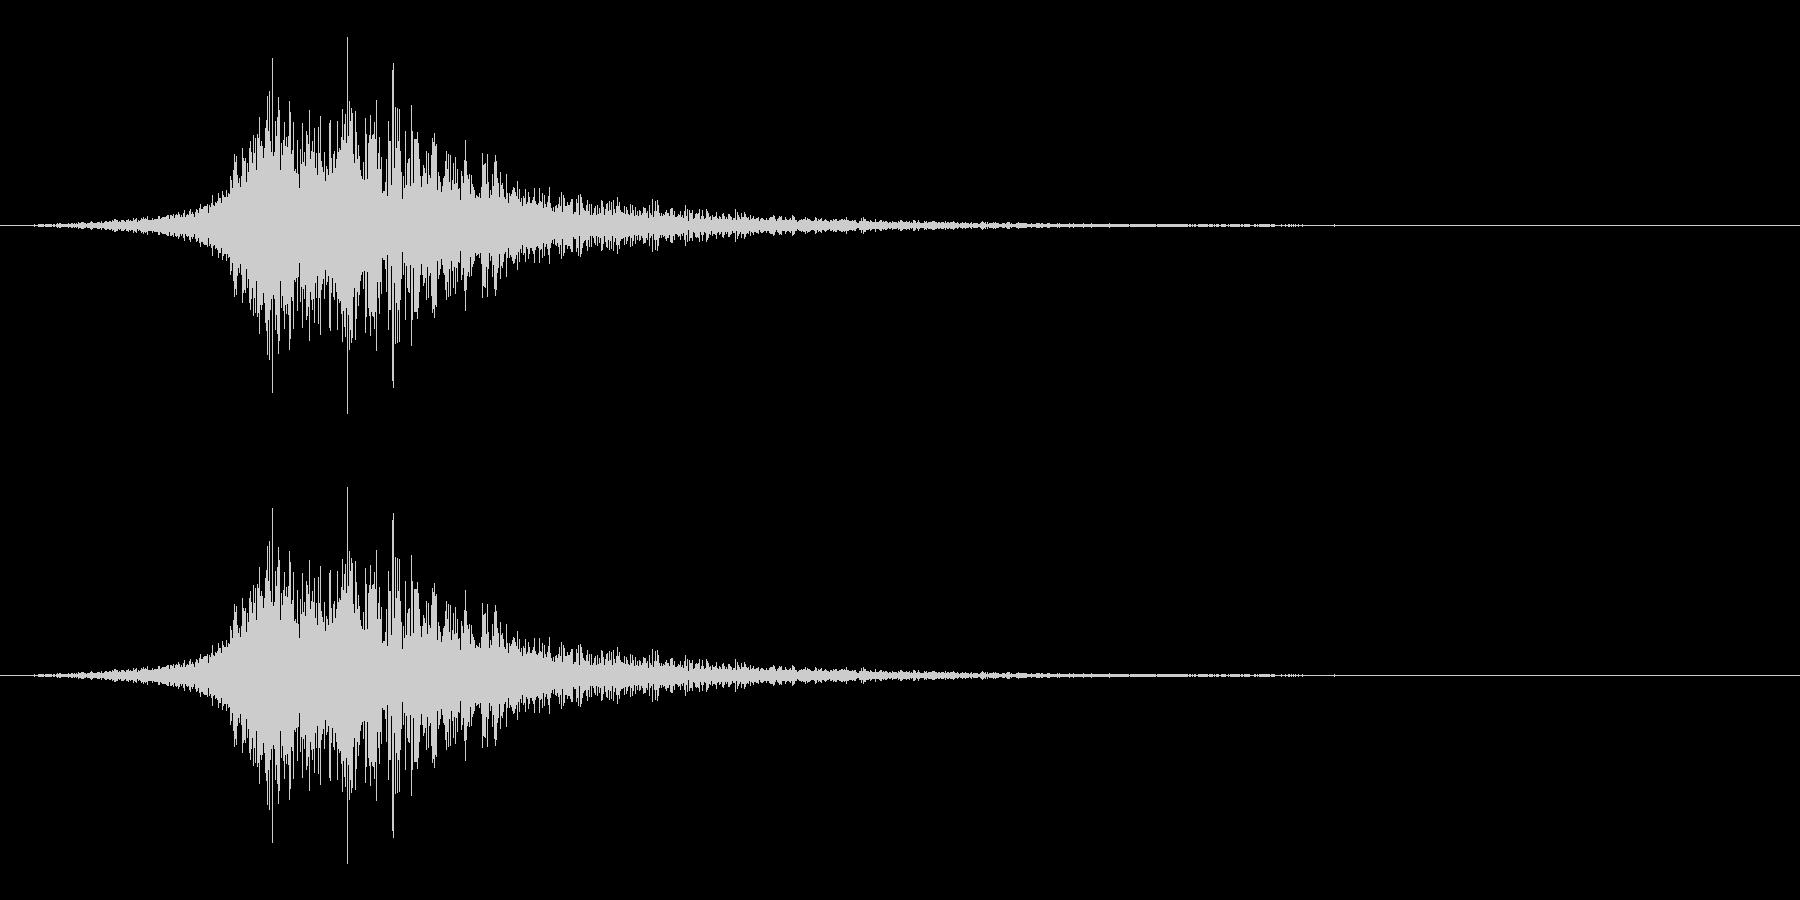 シューッという音EC02_55_3の未再生の波形